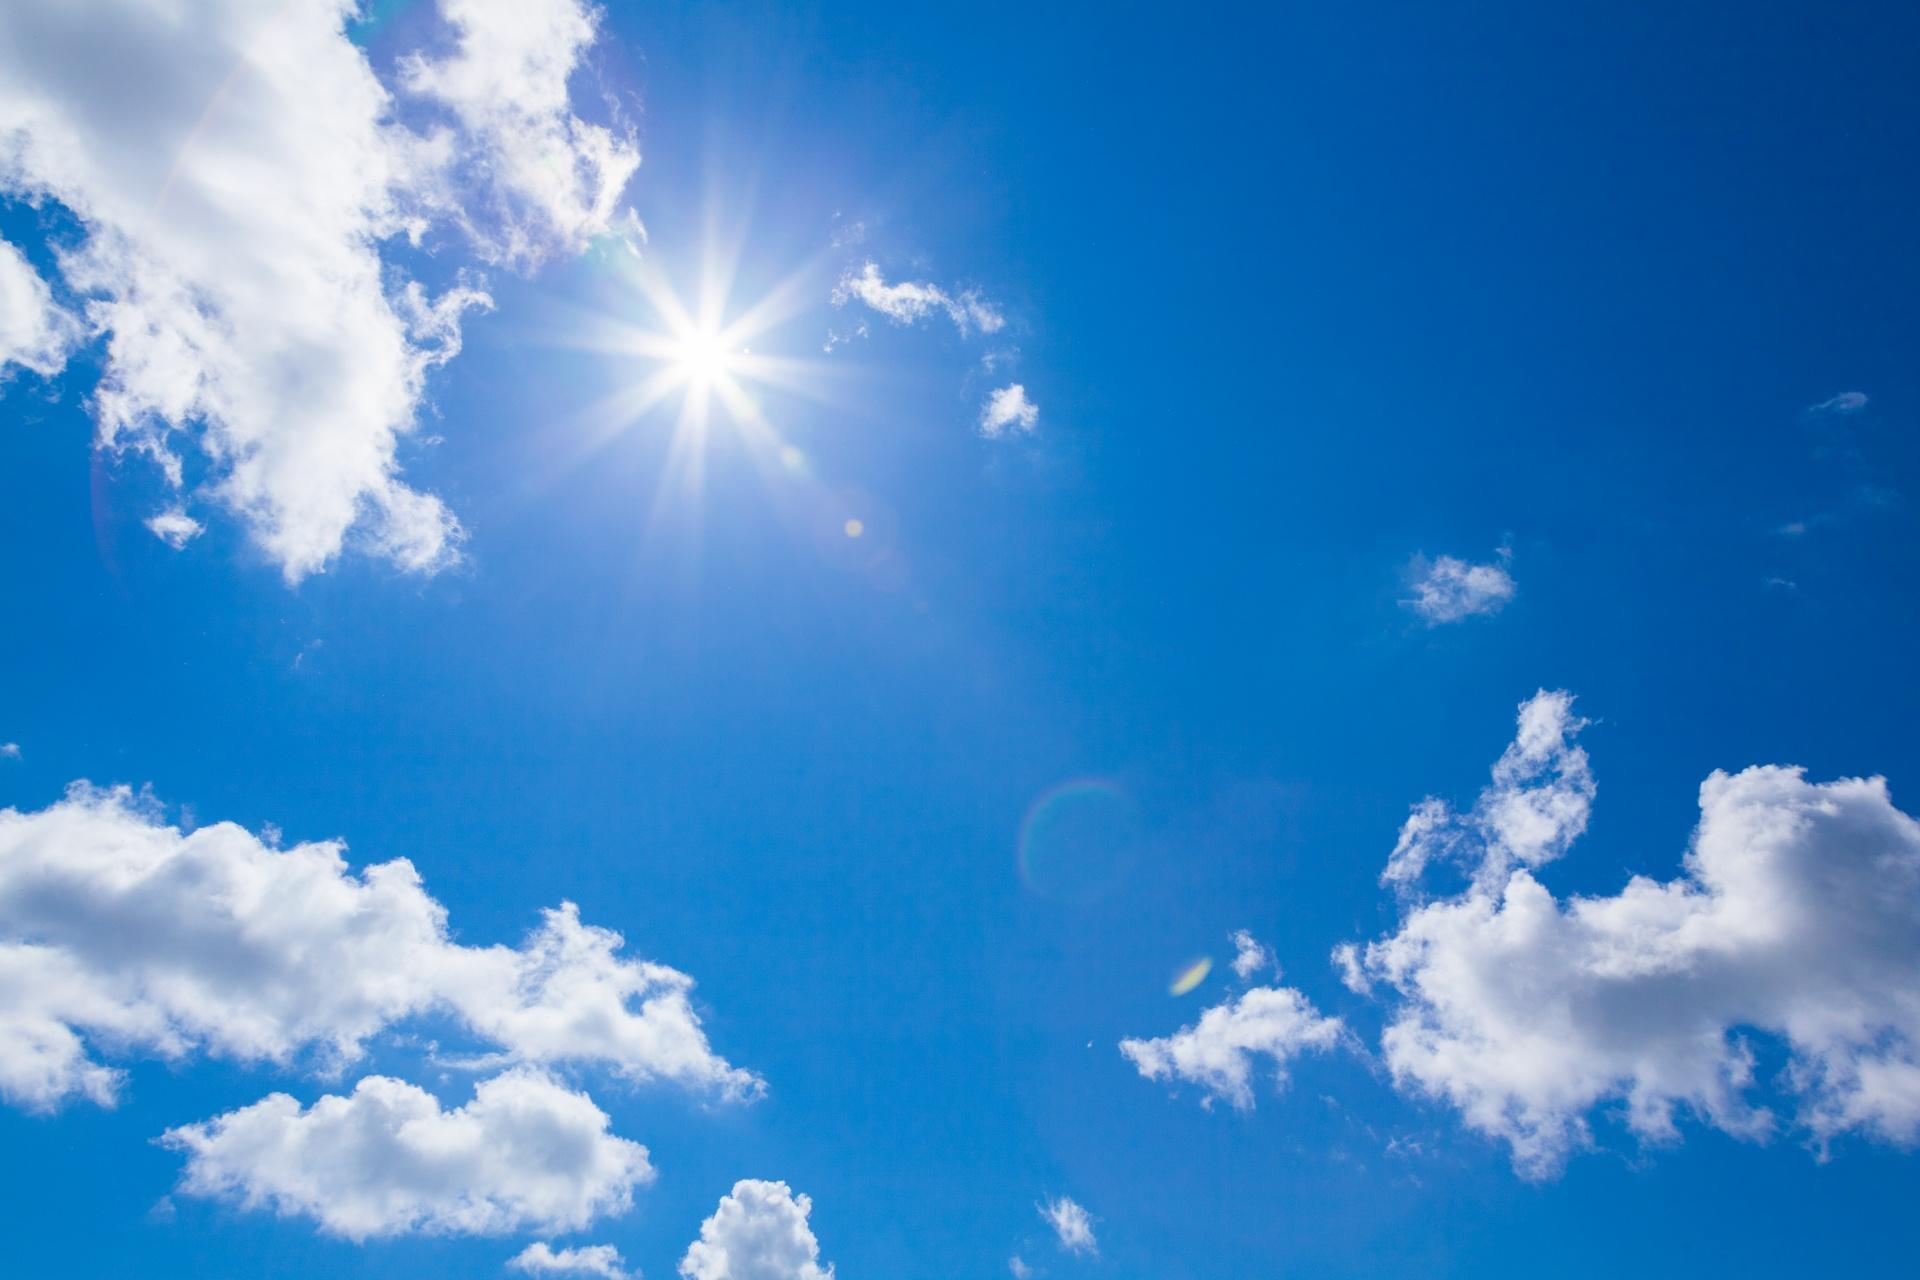 słońce promieniowanie UV niebo